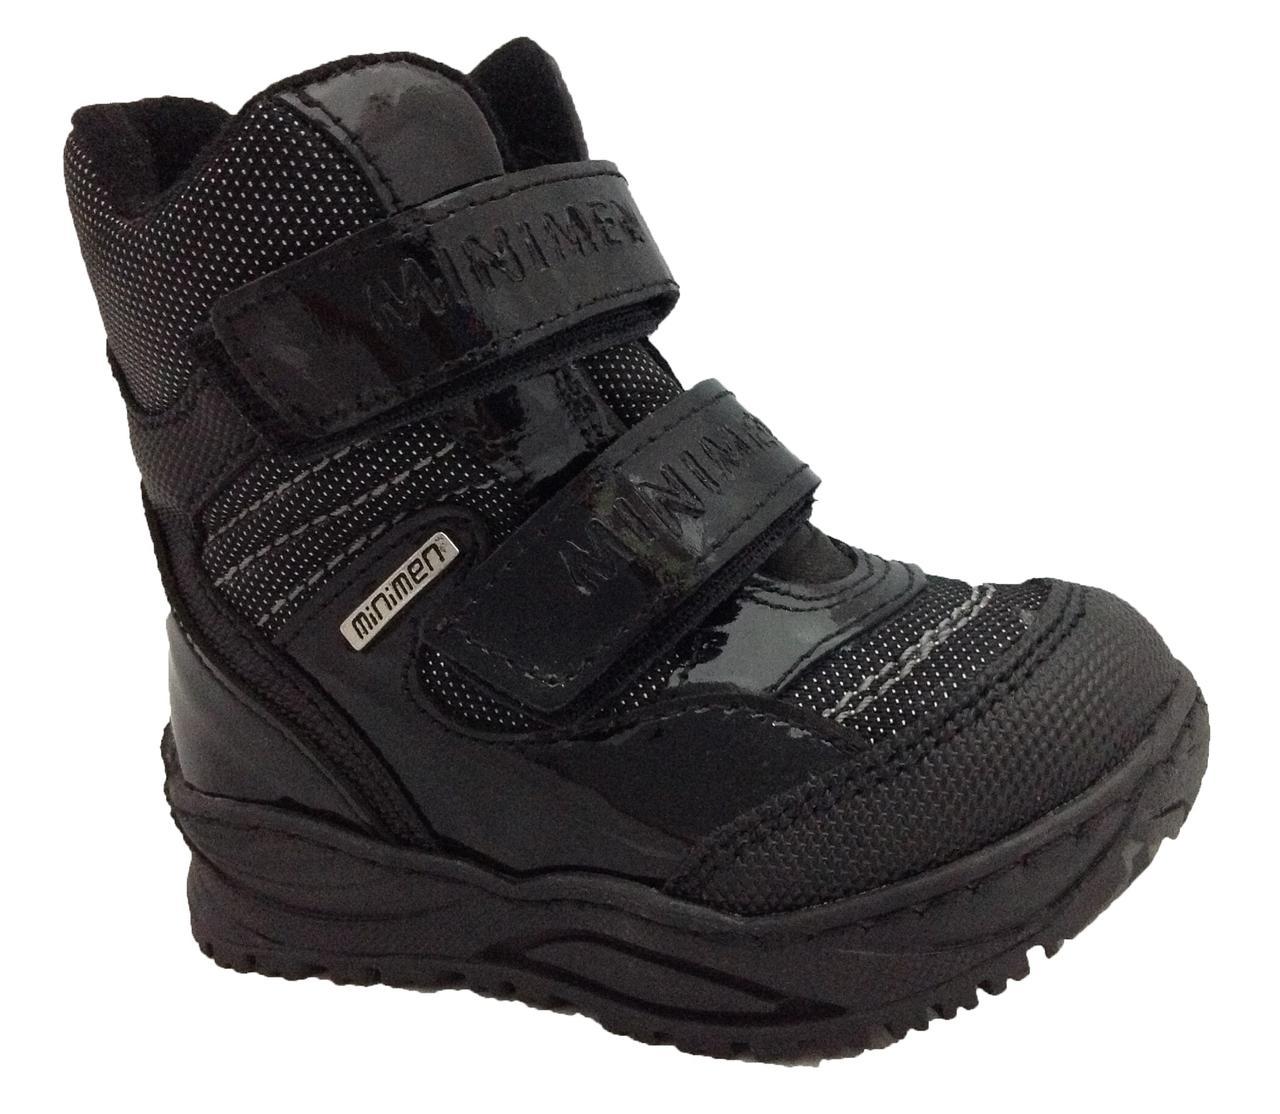 Ортопедические зимние ботинки Minimen р. 21